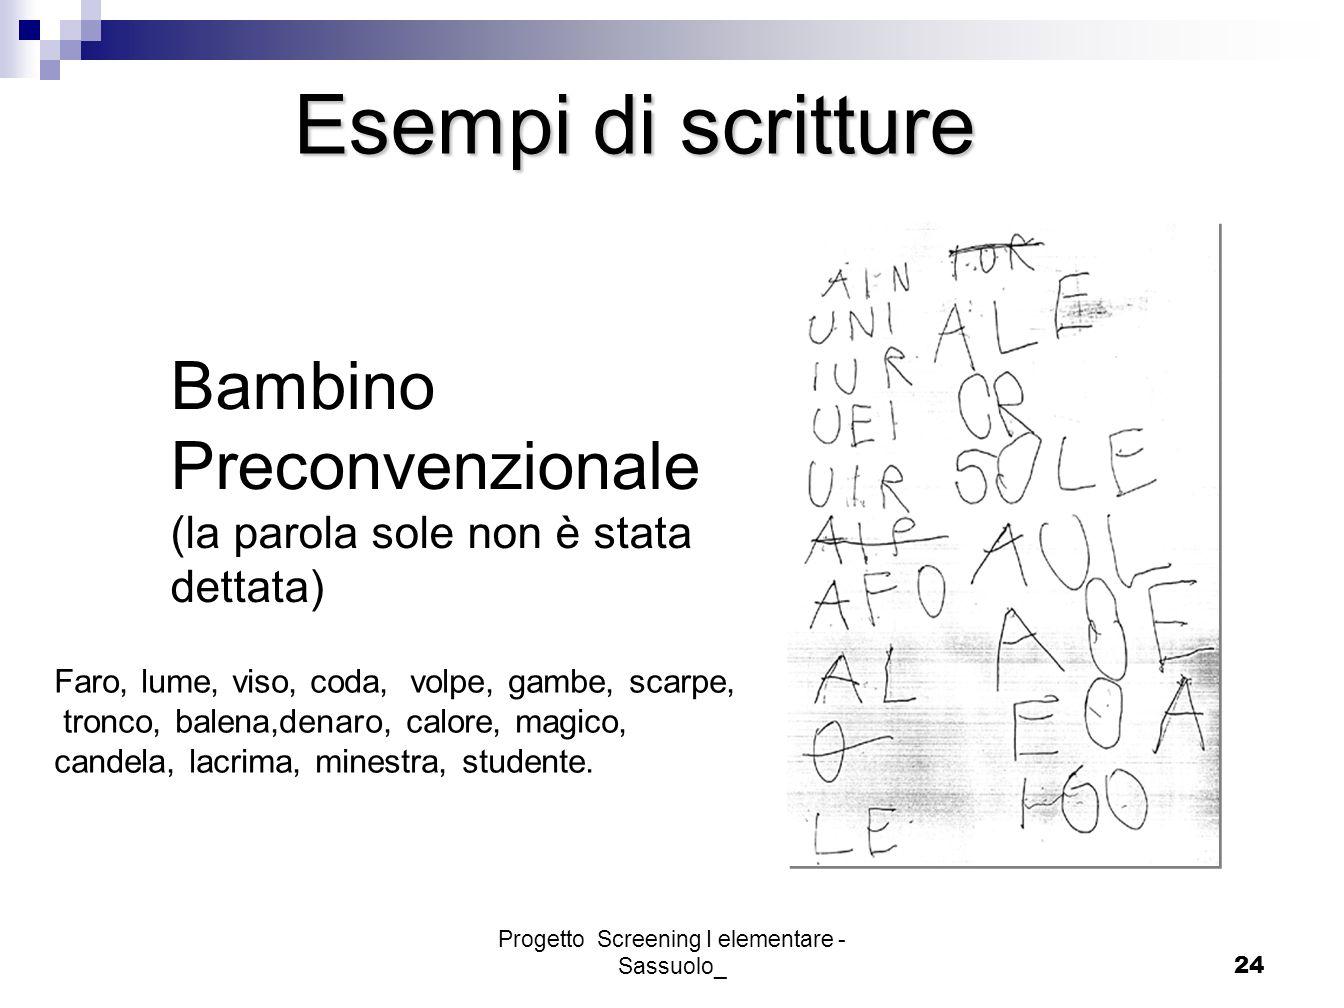 Progetto Screening I elementare - Sassuolo_24 Bambino Preconvenzionale (la parola sole non è stata dettata) Esempi di scritture Faro, lume, viso, coda